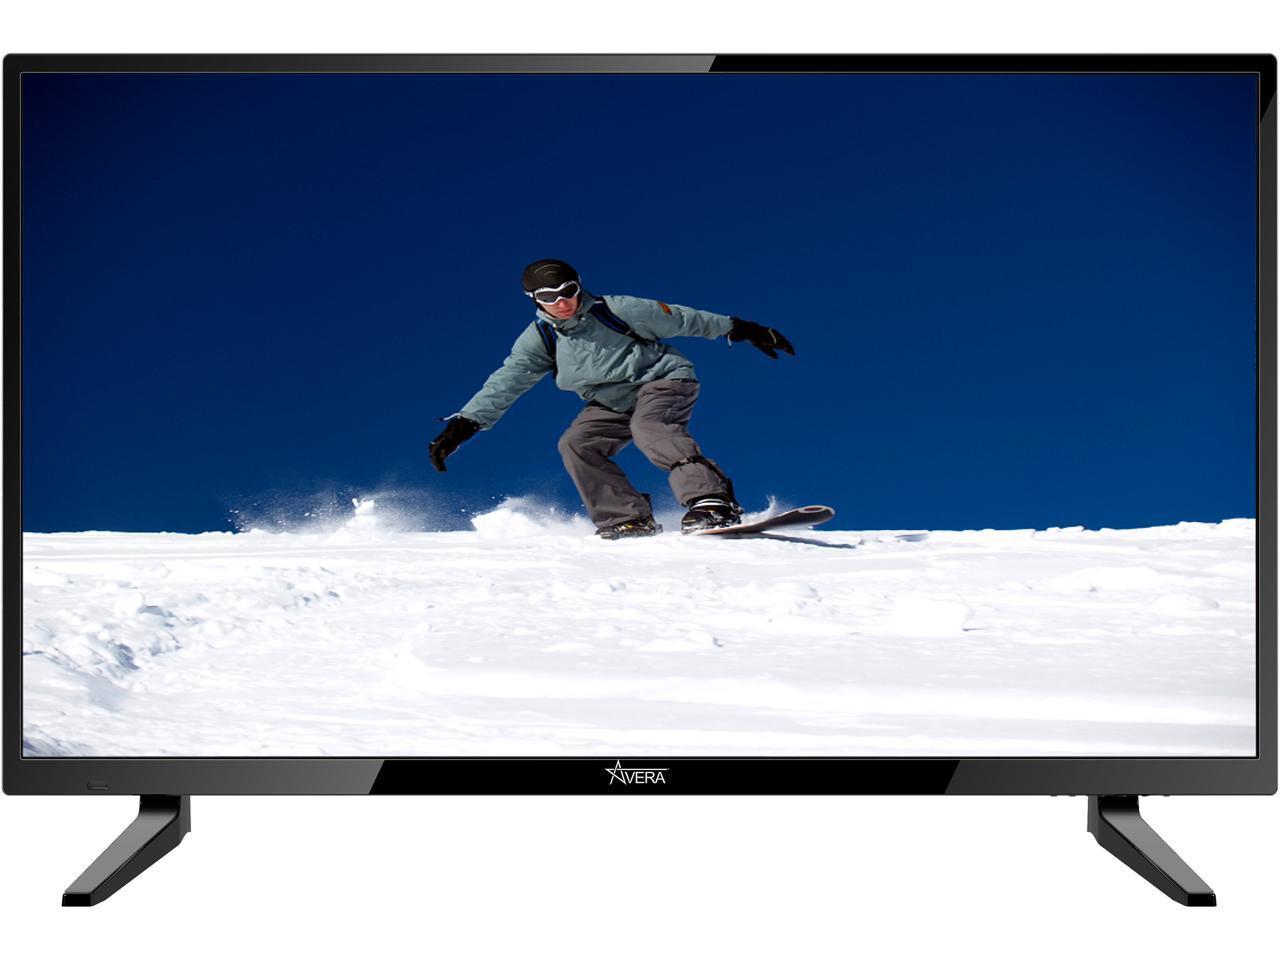 """Avera 40EQX20 40"""" 4K LED UHDTV"""